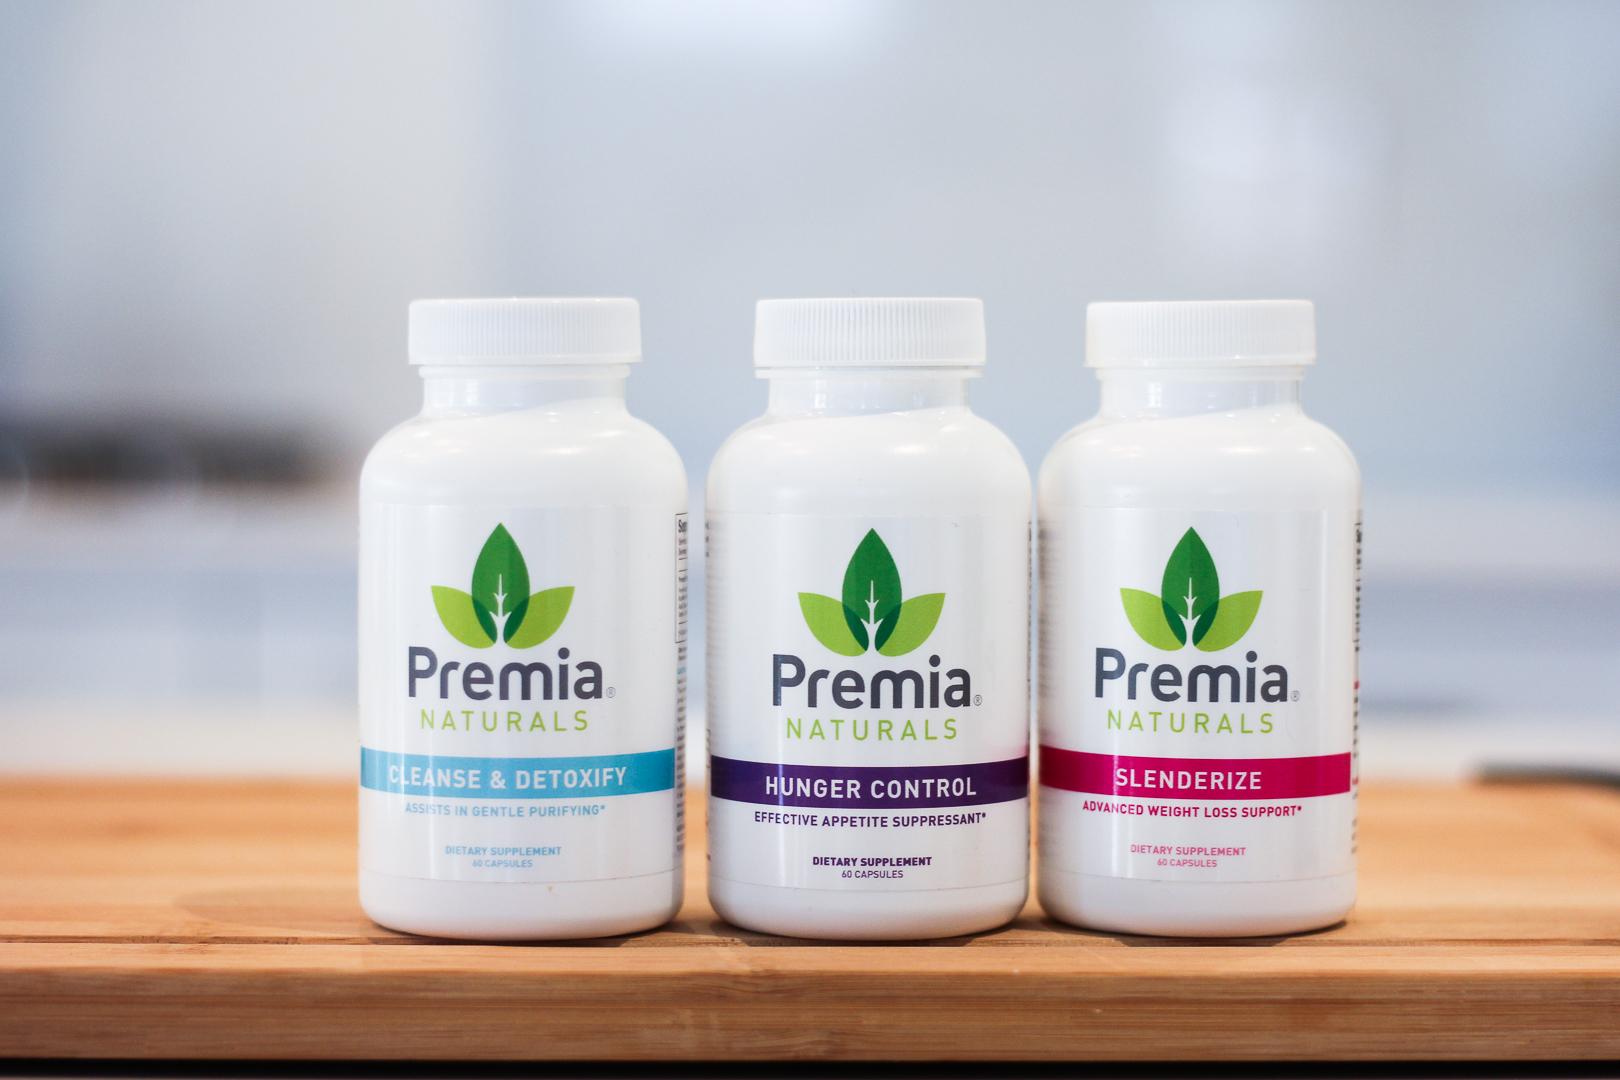 PREMIA-3.jpg